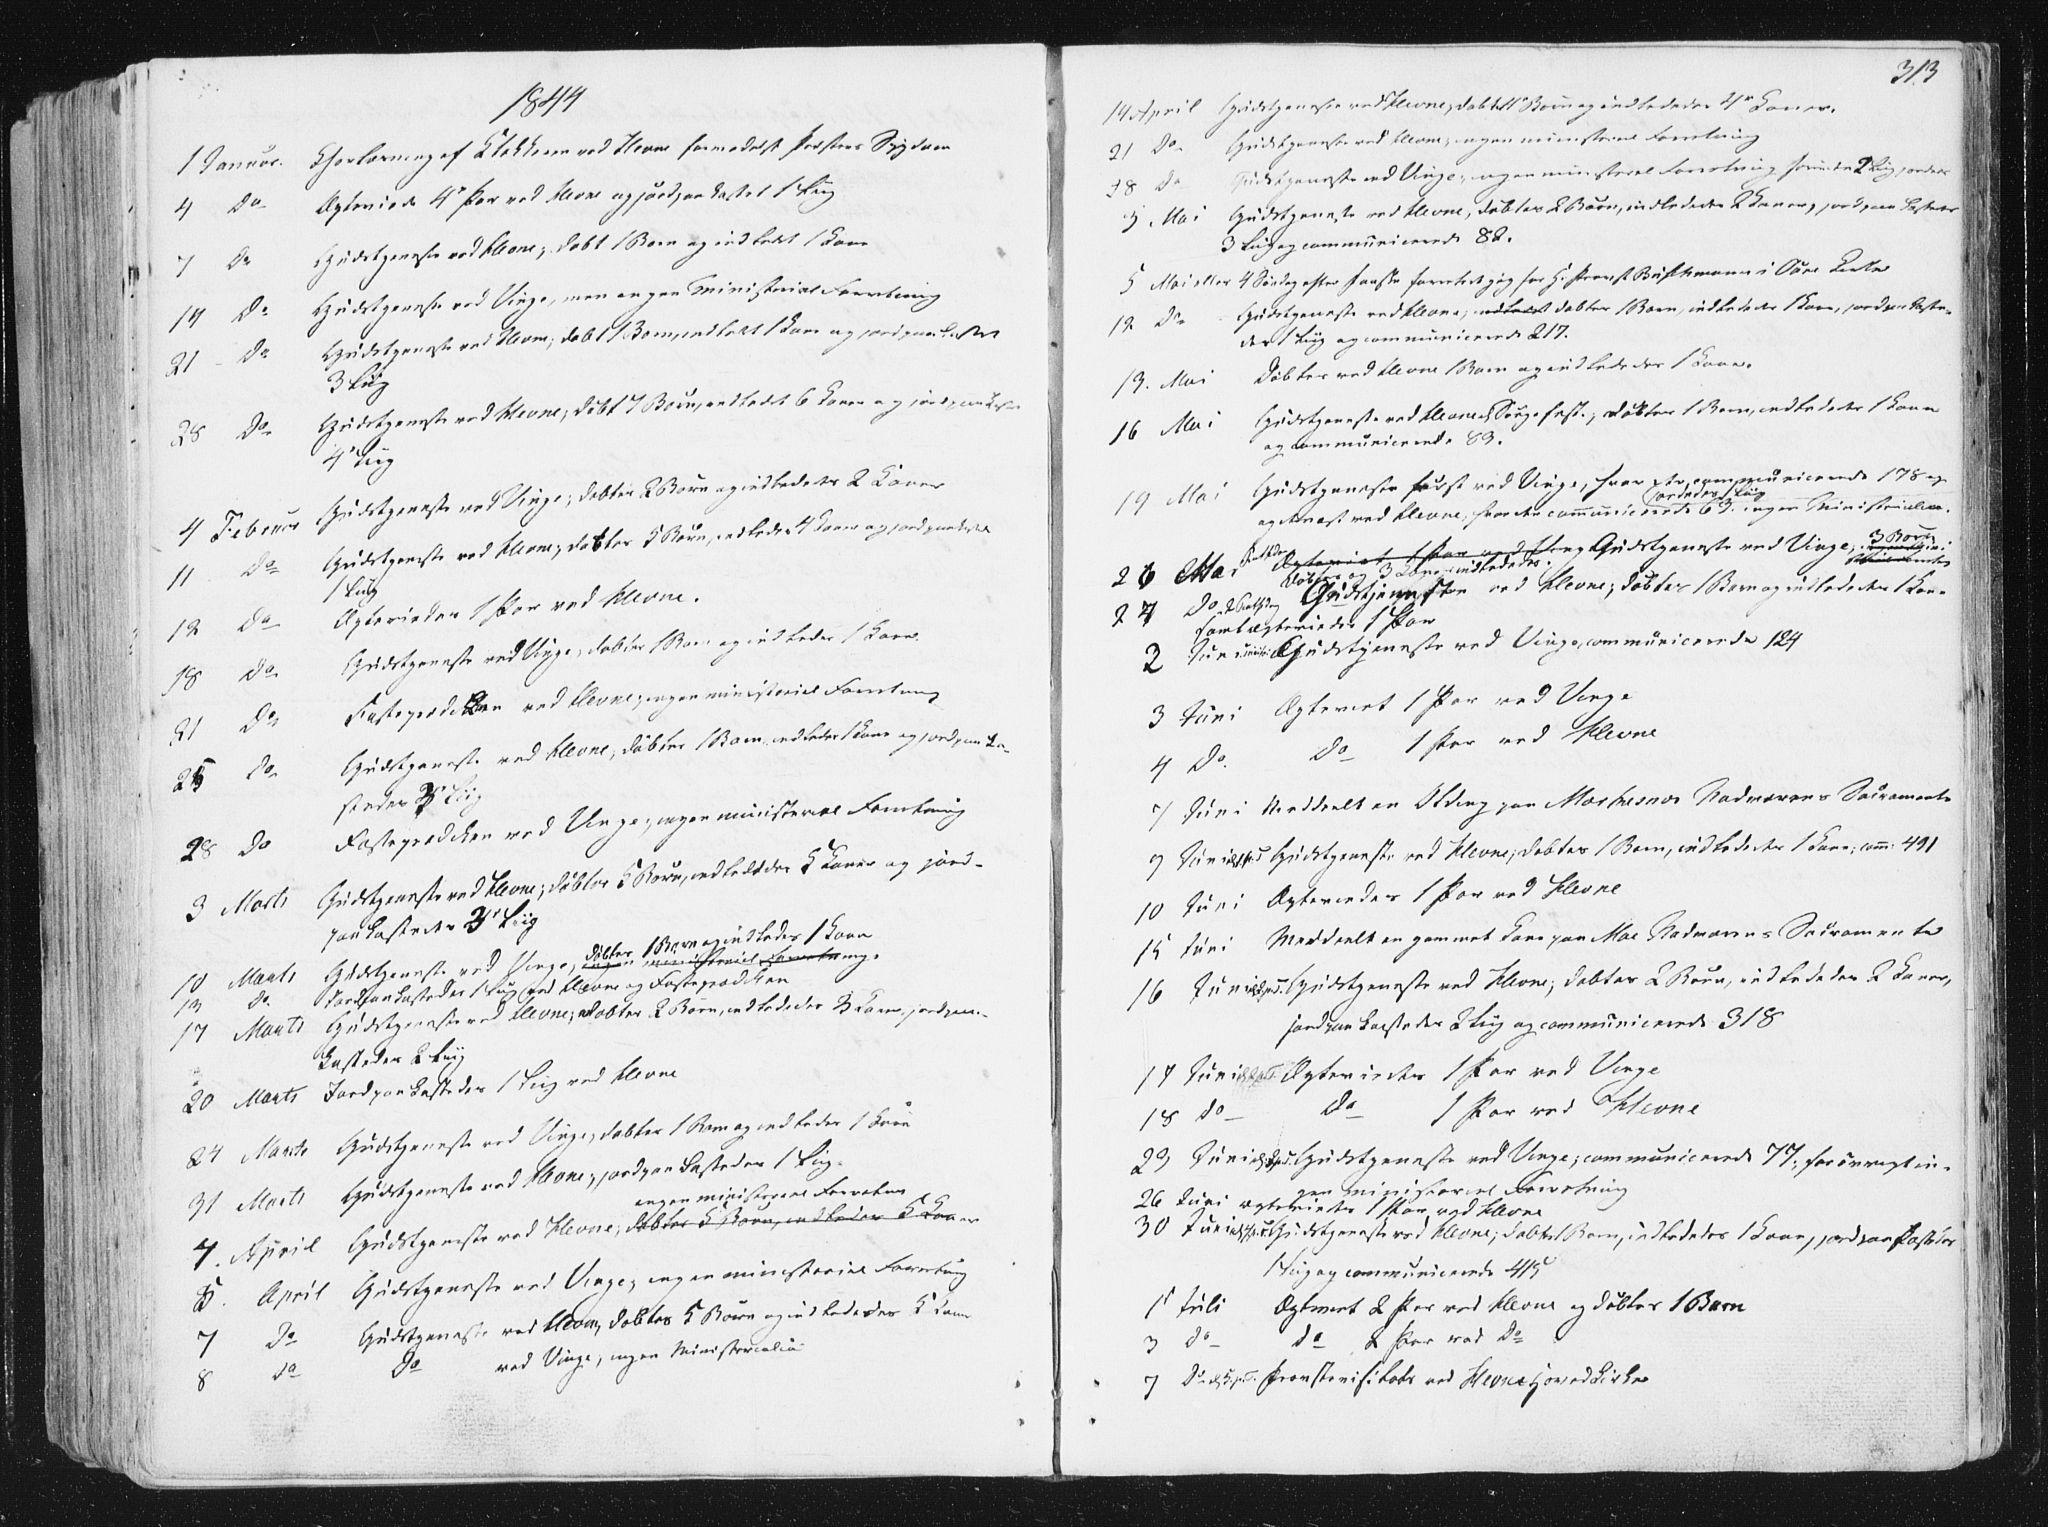 SAT, Ministerialprotokoller, klokkerbøker og fødselsregistre - Sør-Trøndelag, 630/L0493: Ministerialbok nr. 630A06, 1841-1851, s. 313